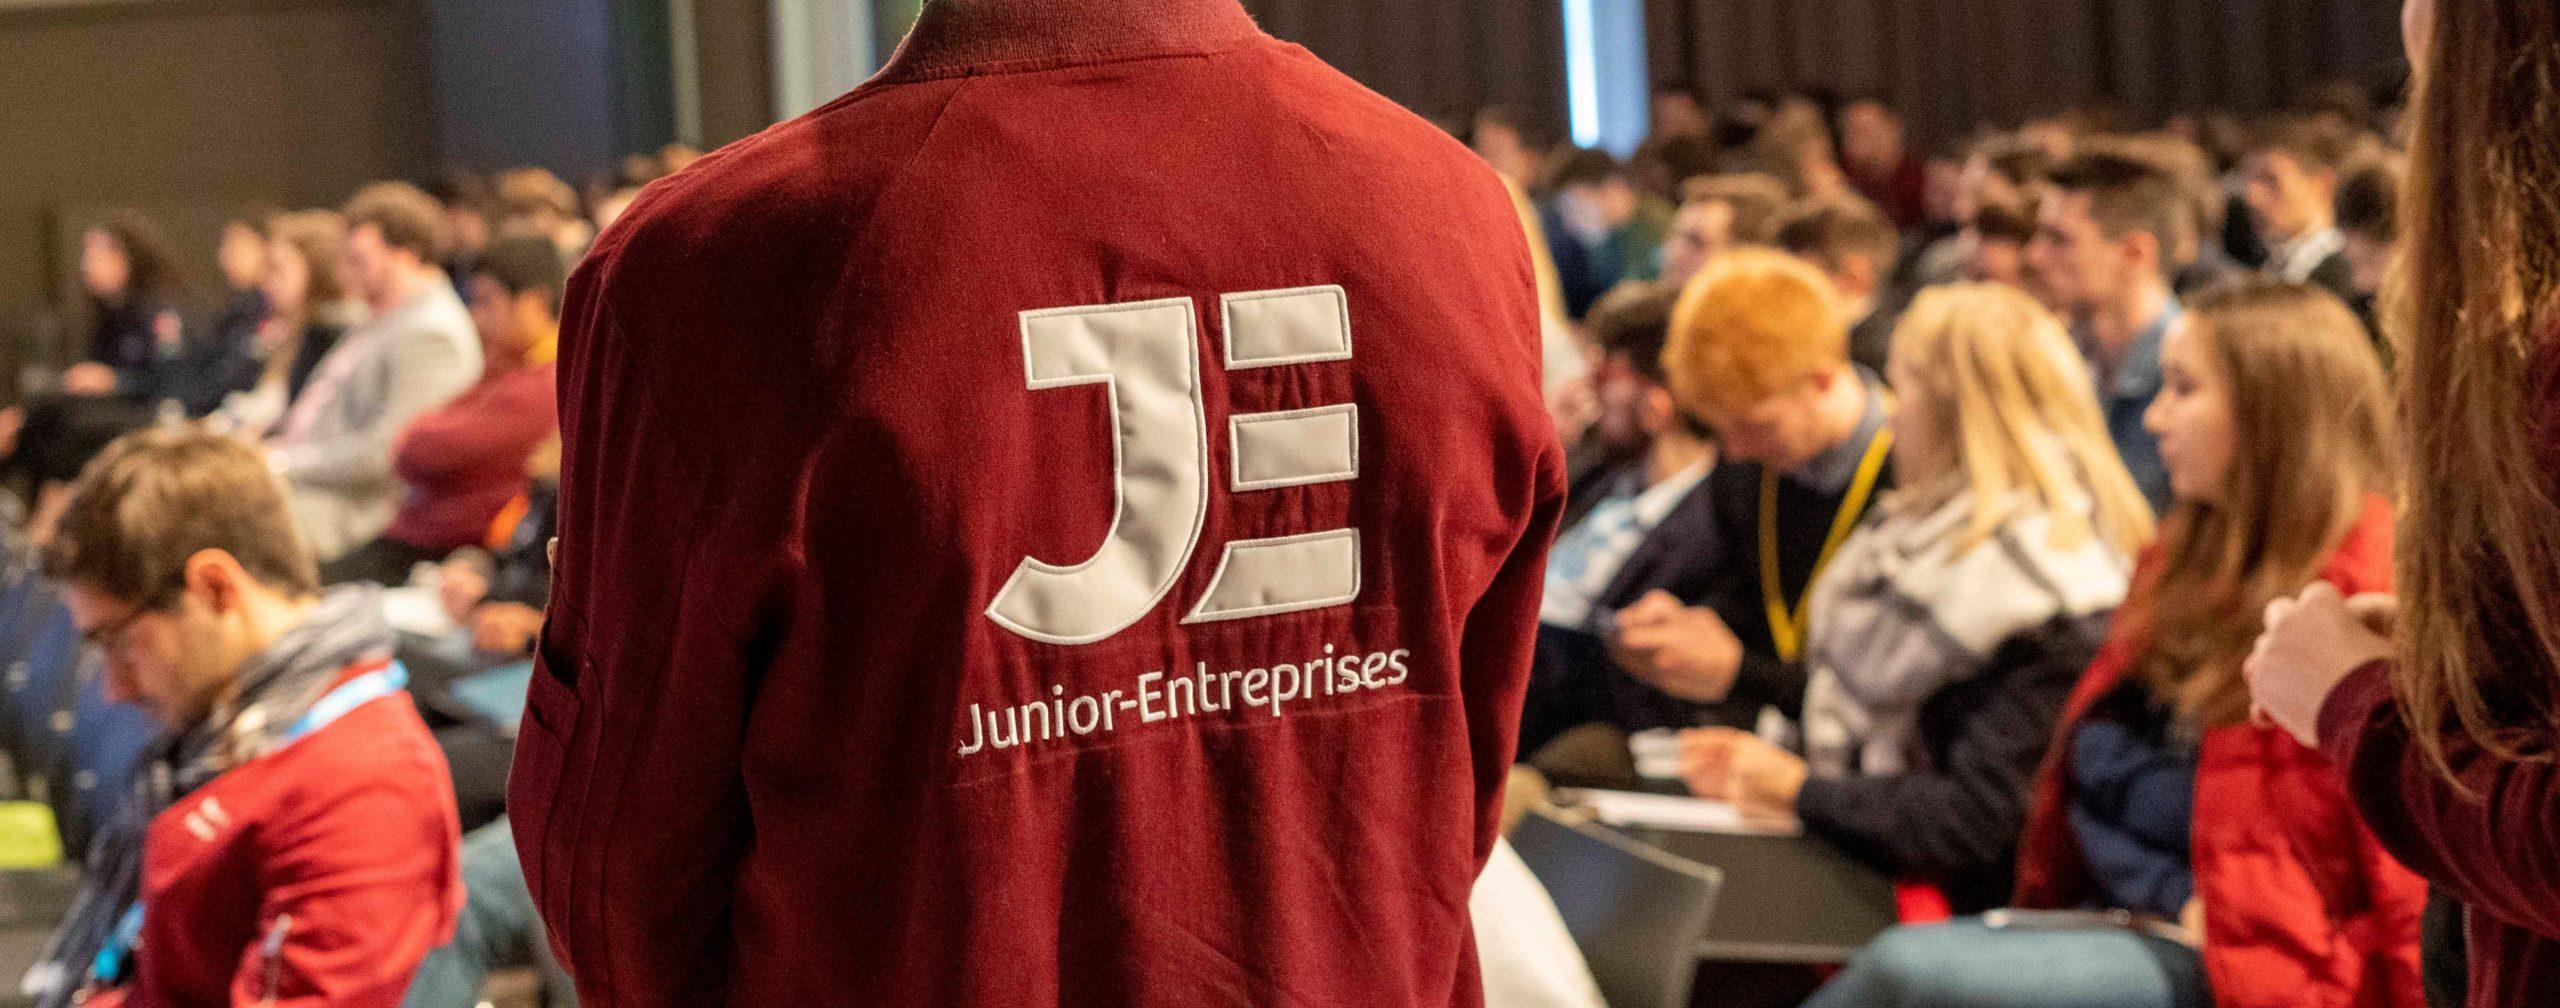 Expérience Junior-entreprise